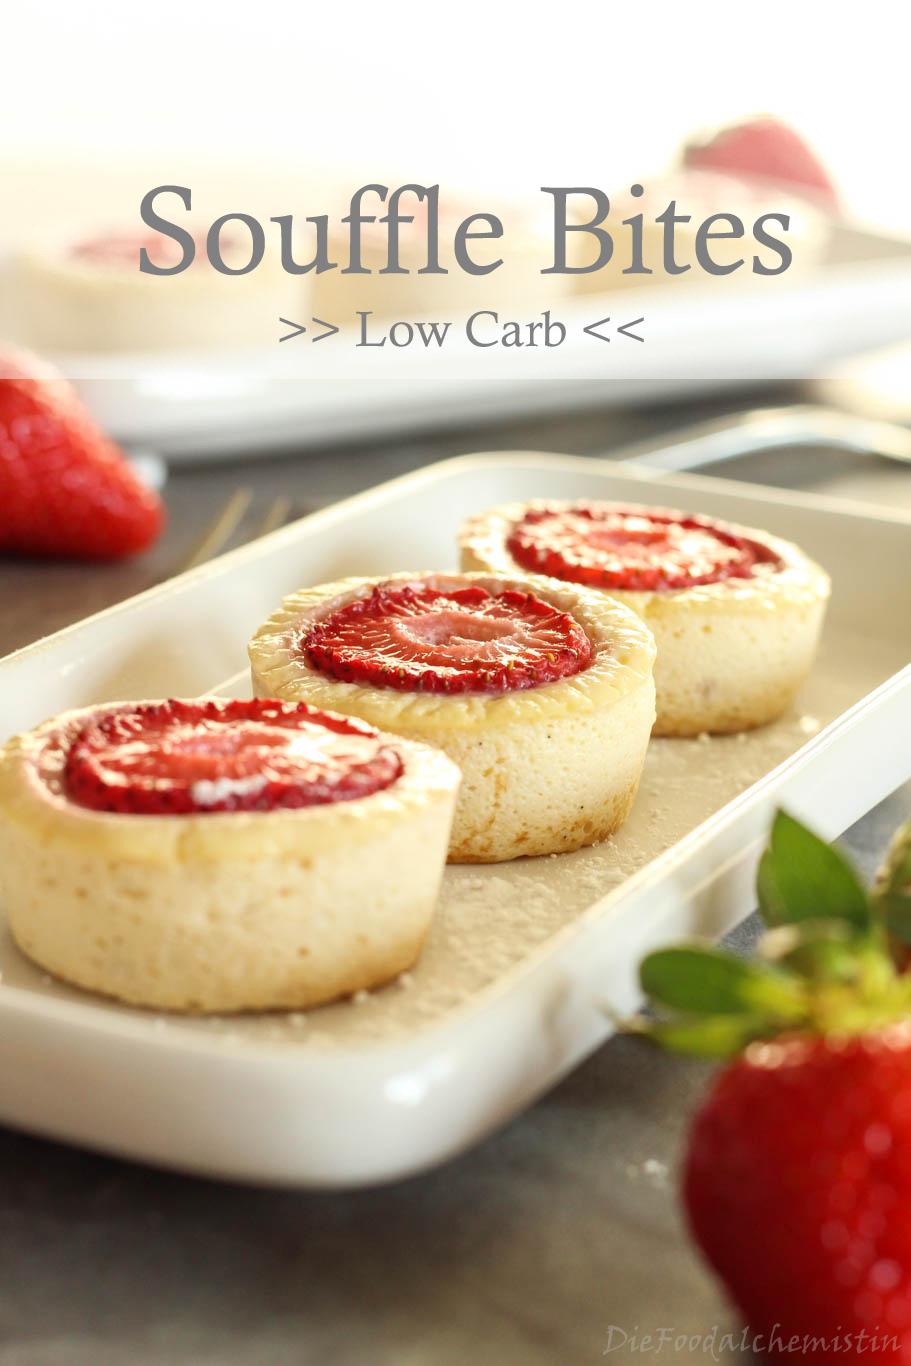 Souffle Bites (Low Carb)